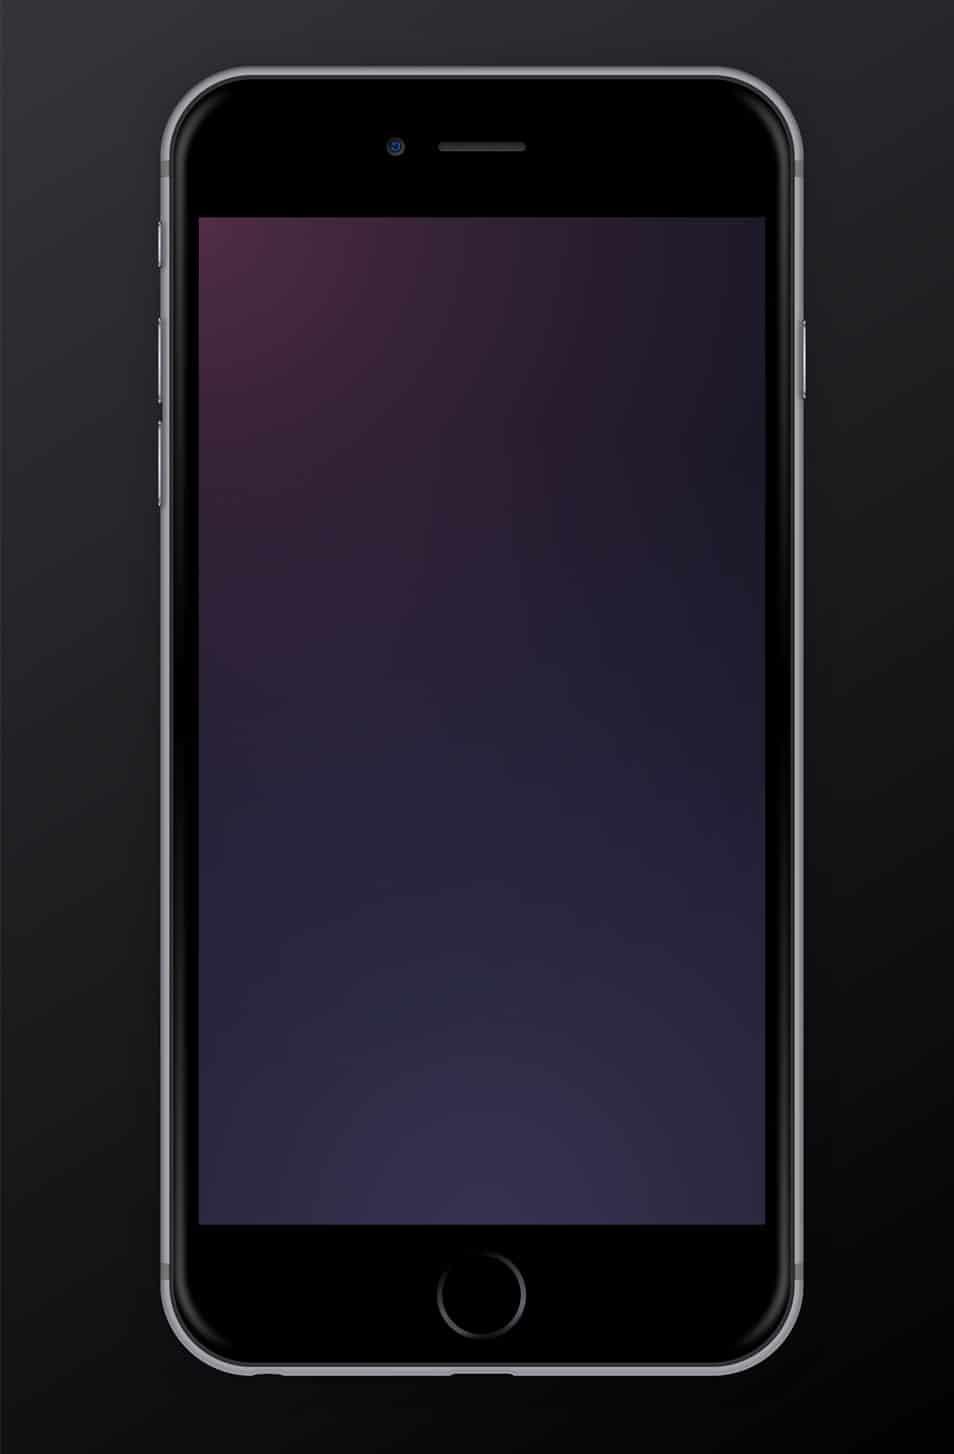 iPhone 6 Plus Sketch